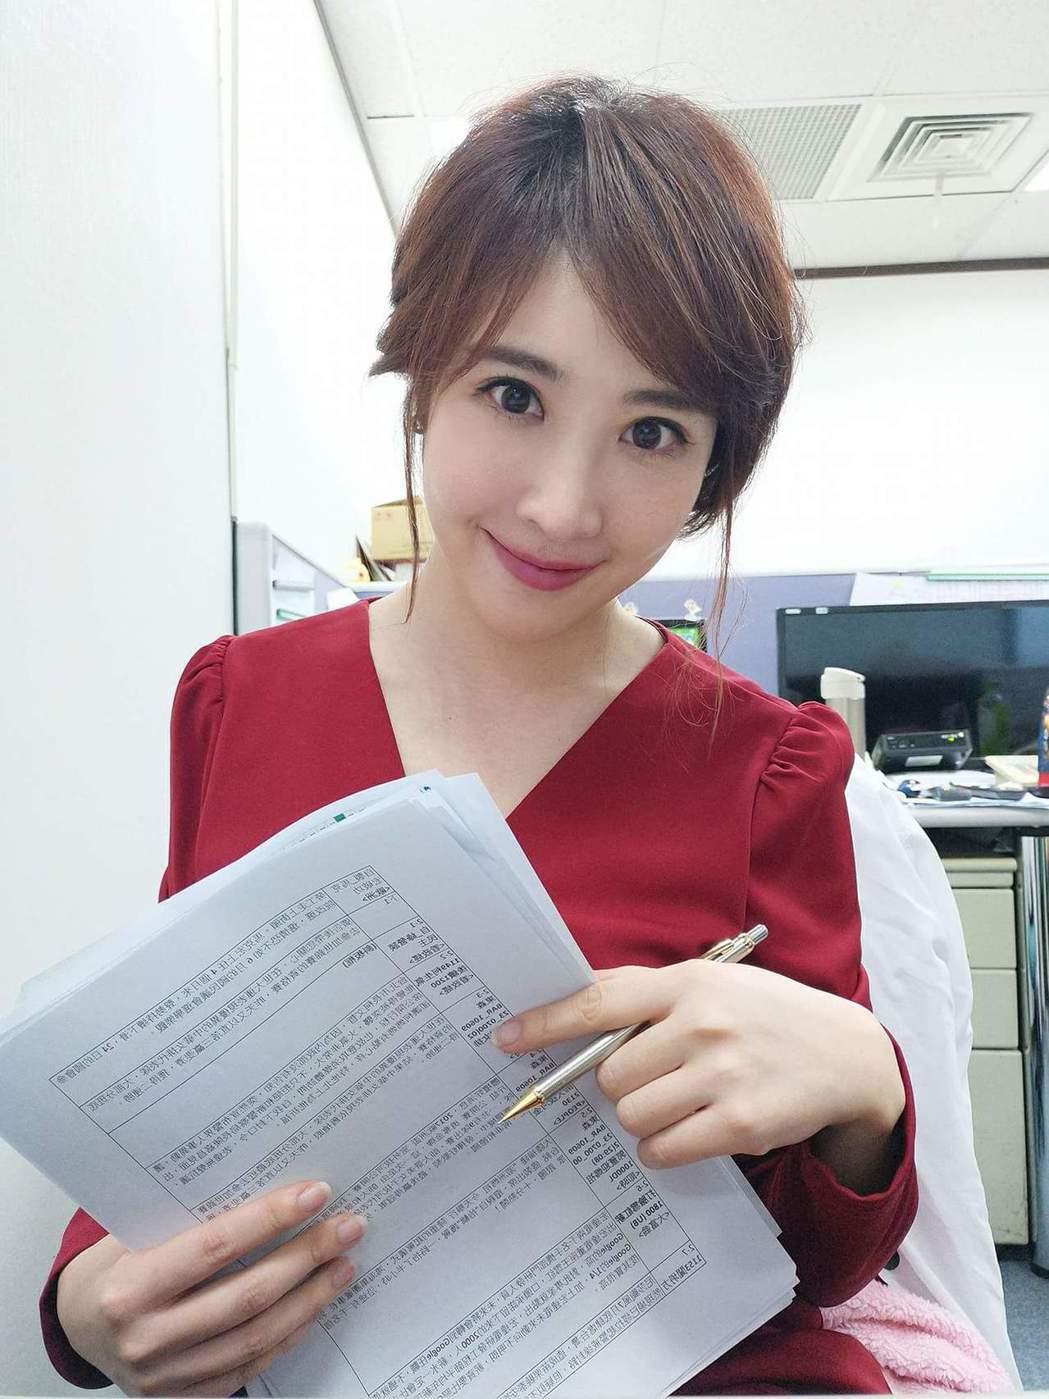 寰宇新聞台主播黃若薇疑似在泰國當奧客。圖/摘自黃若薇臉書